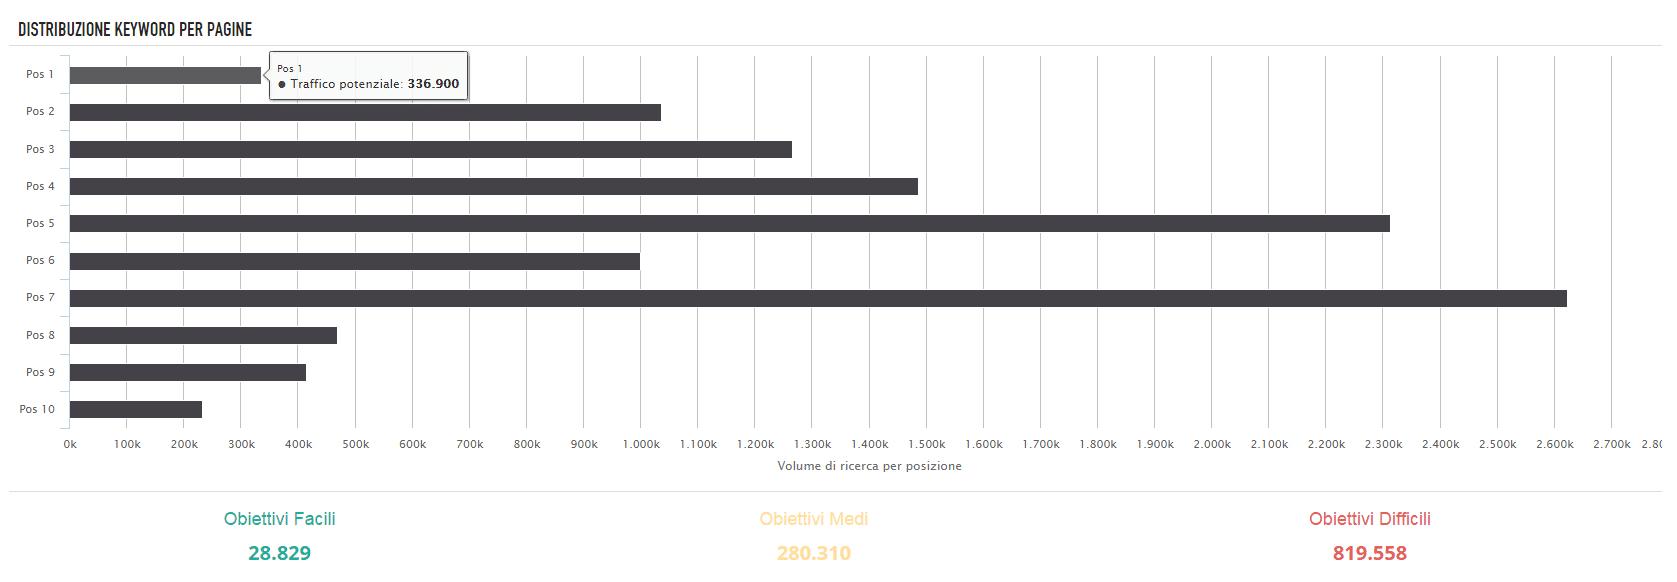 Grafico della distribuzione delle parole chiave per pagine